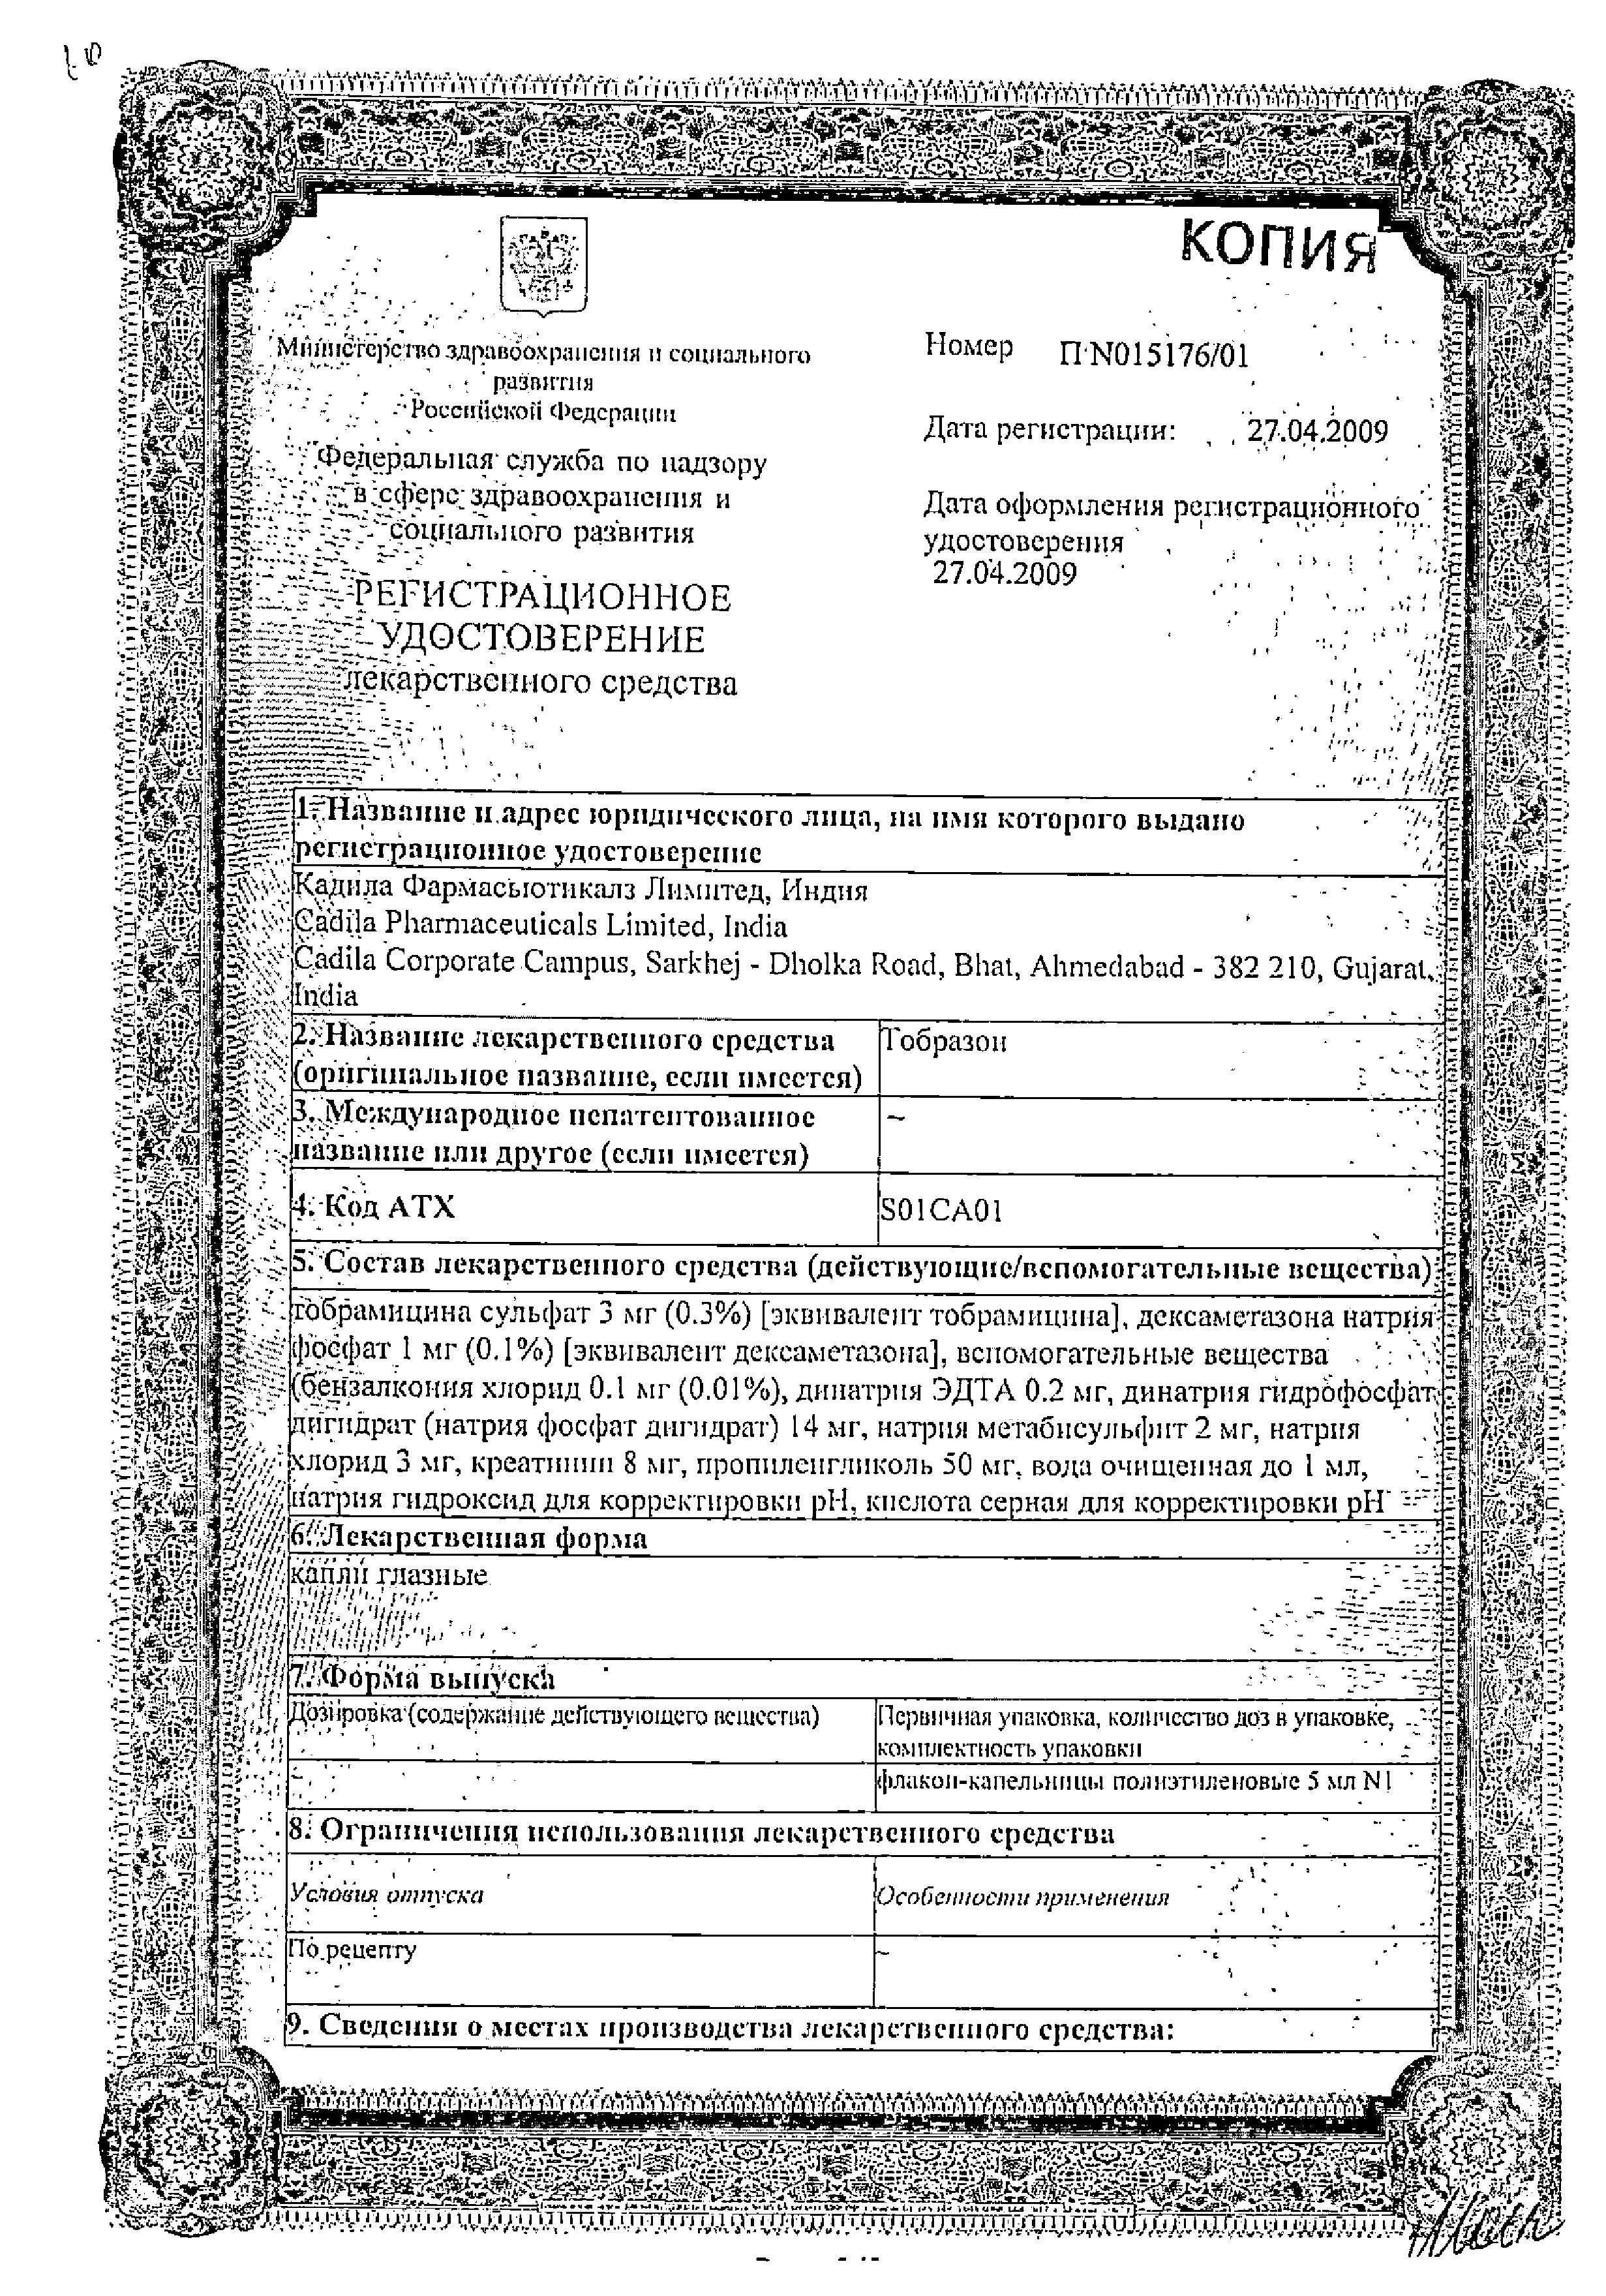 Тобразон сертификат